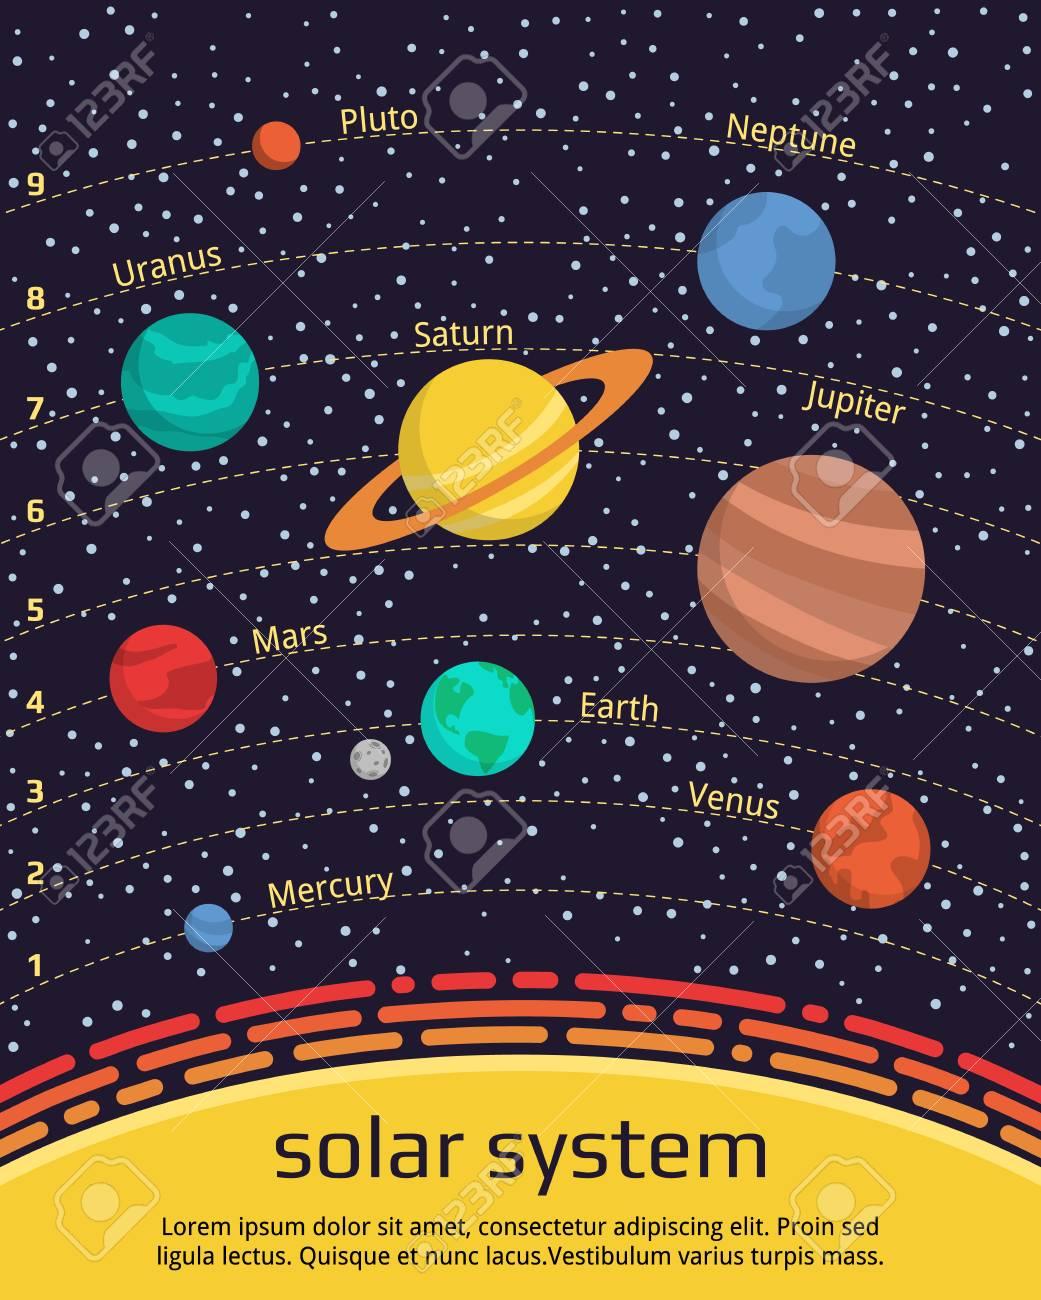 universo infográfico de nuestro sistema solar los nombres de los